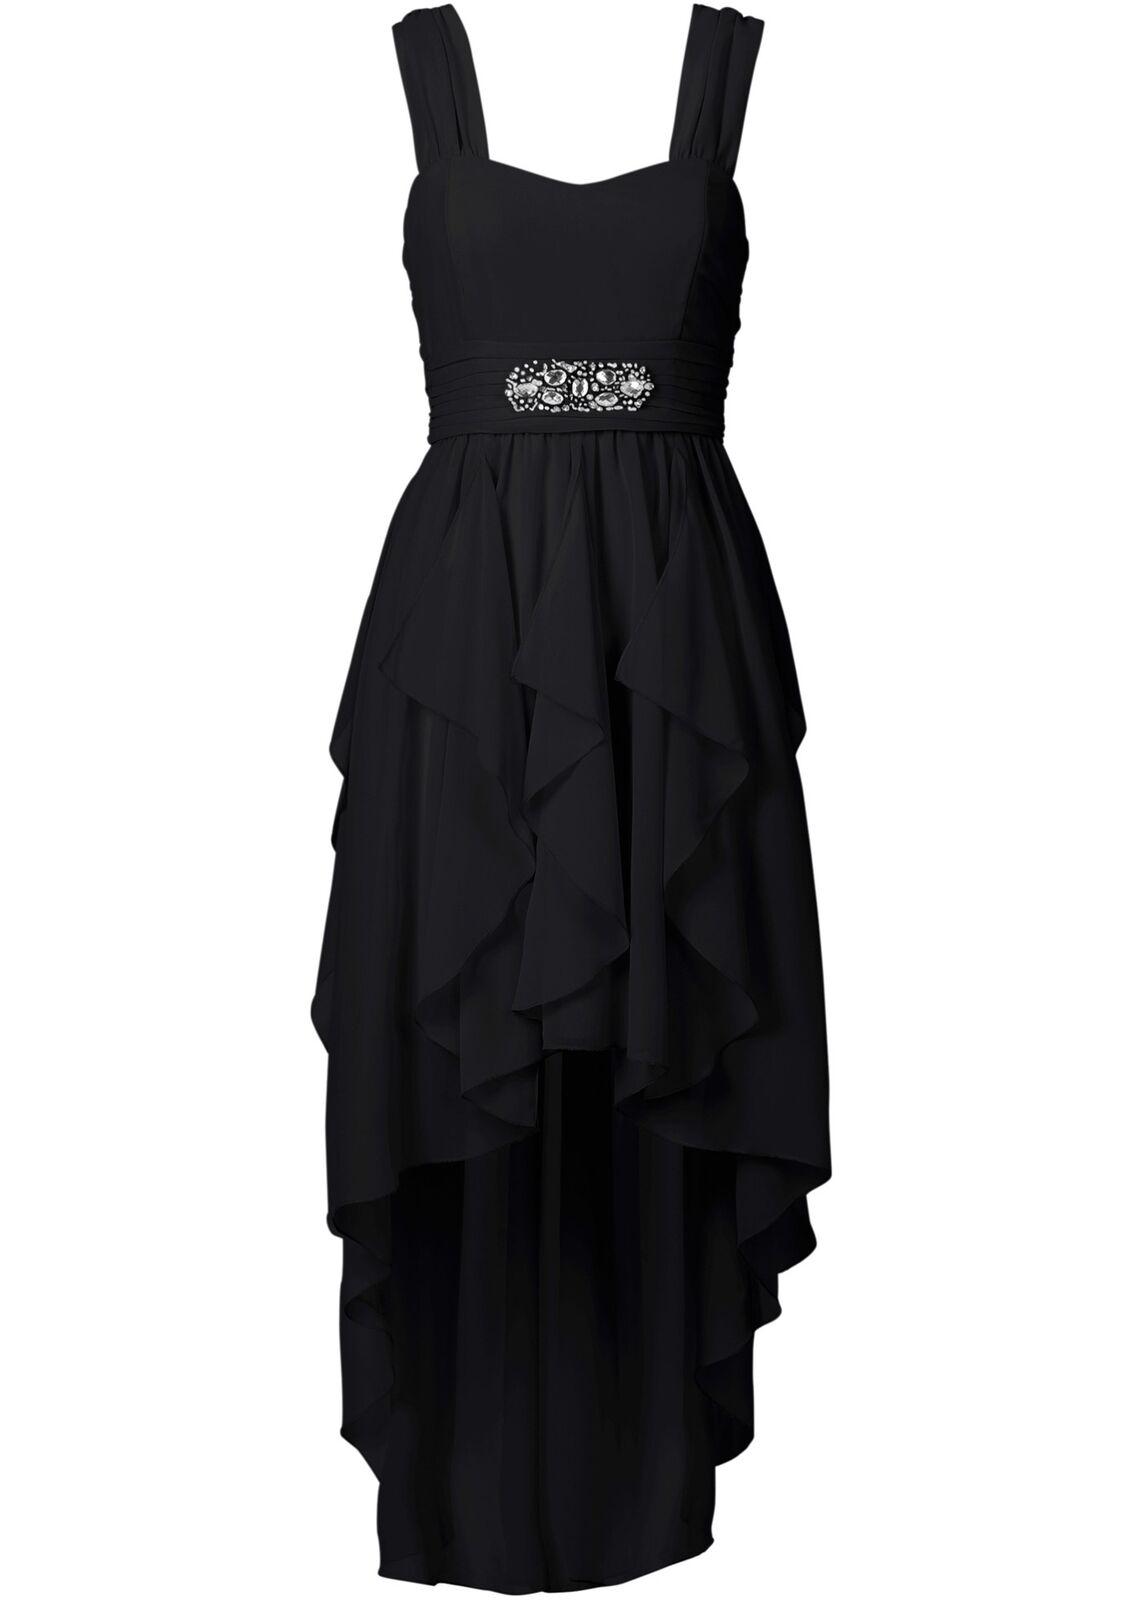 Kleid Gr. 40 Schwarz Abendkleid Cocktailkleid Kurzes Partykleid Eventkleid Neu